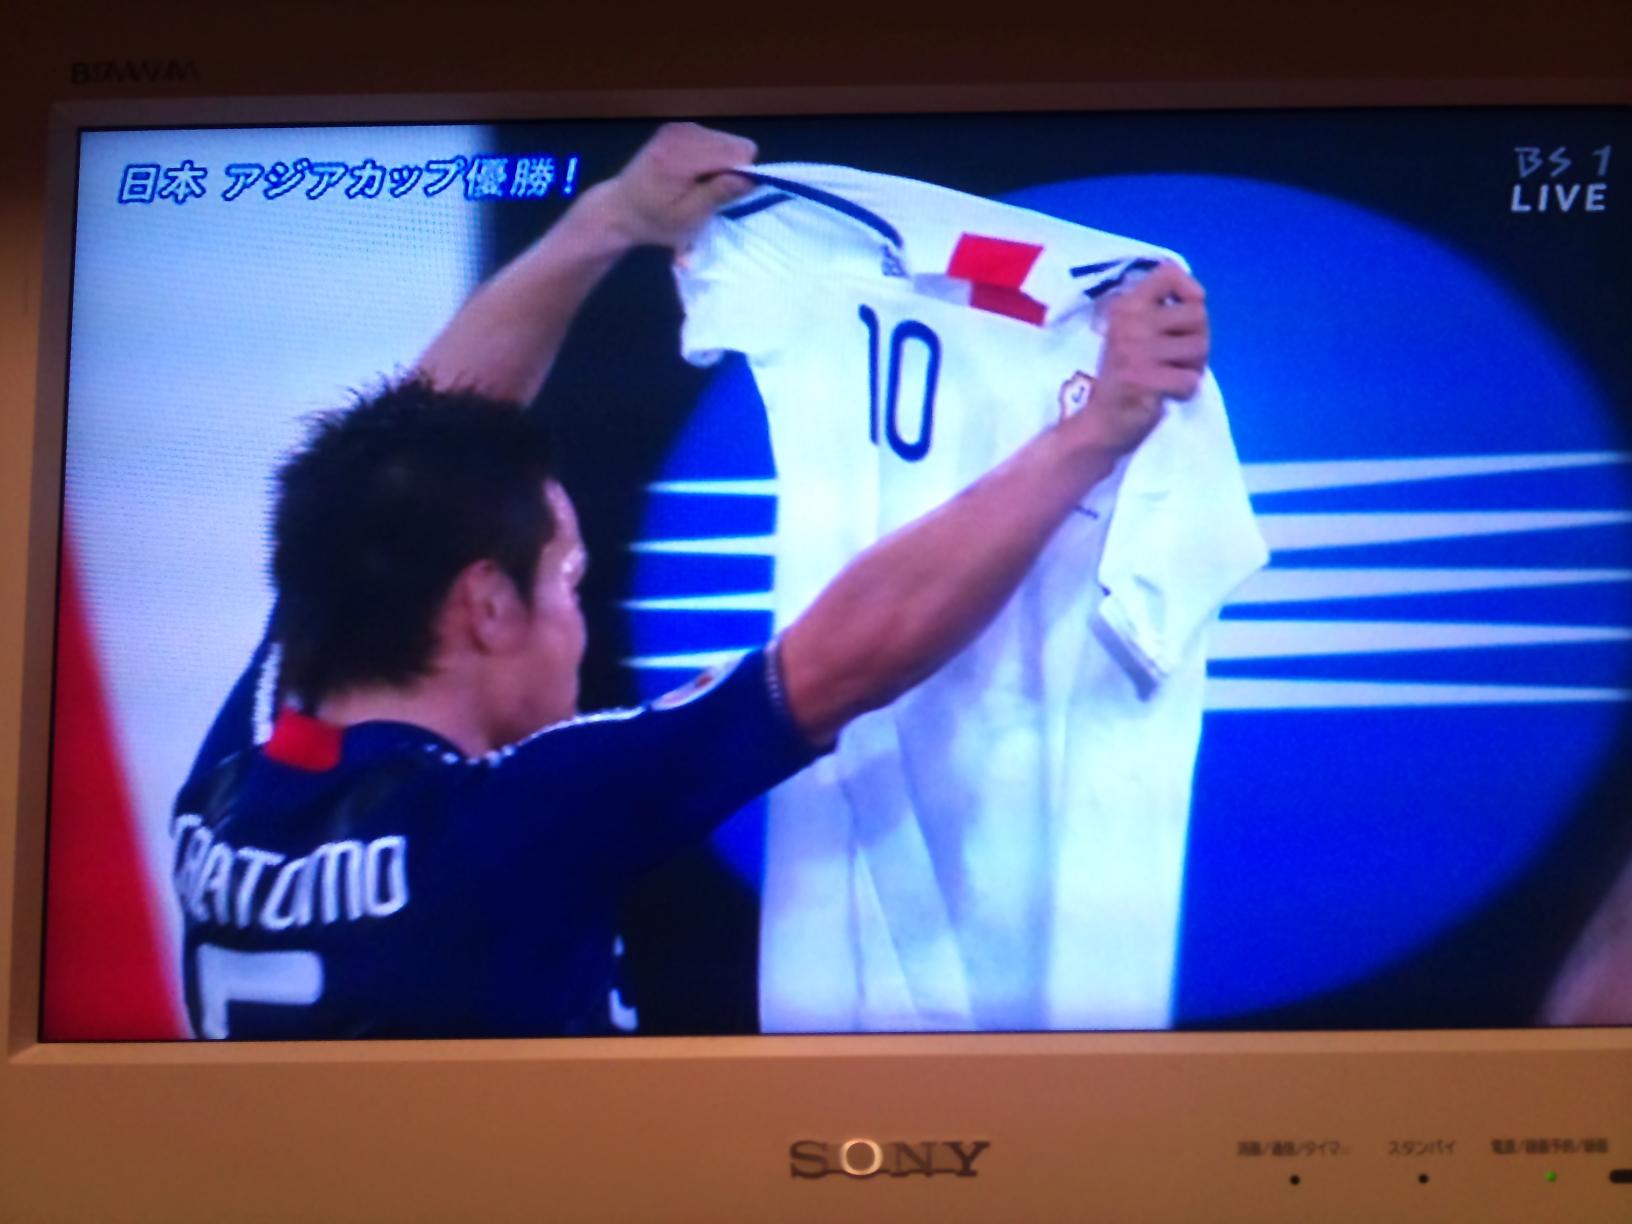 アジアカップとったどー!